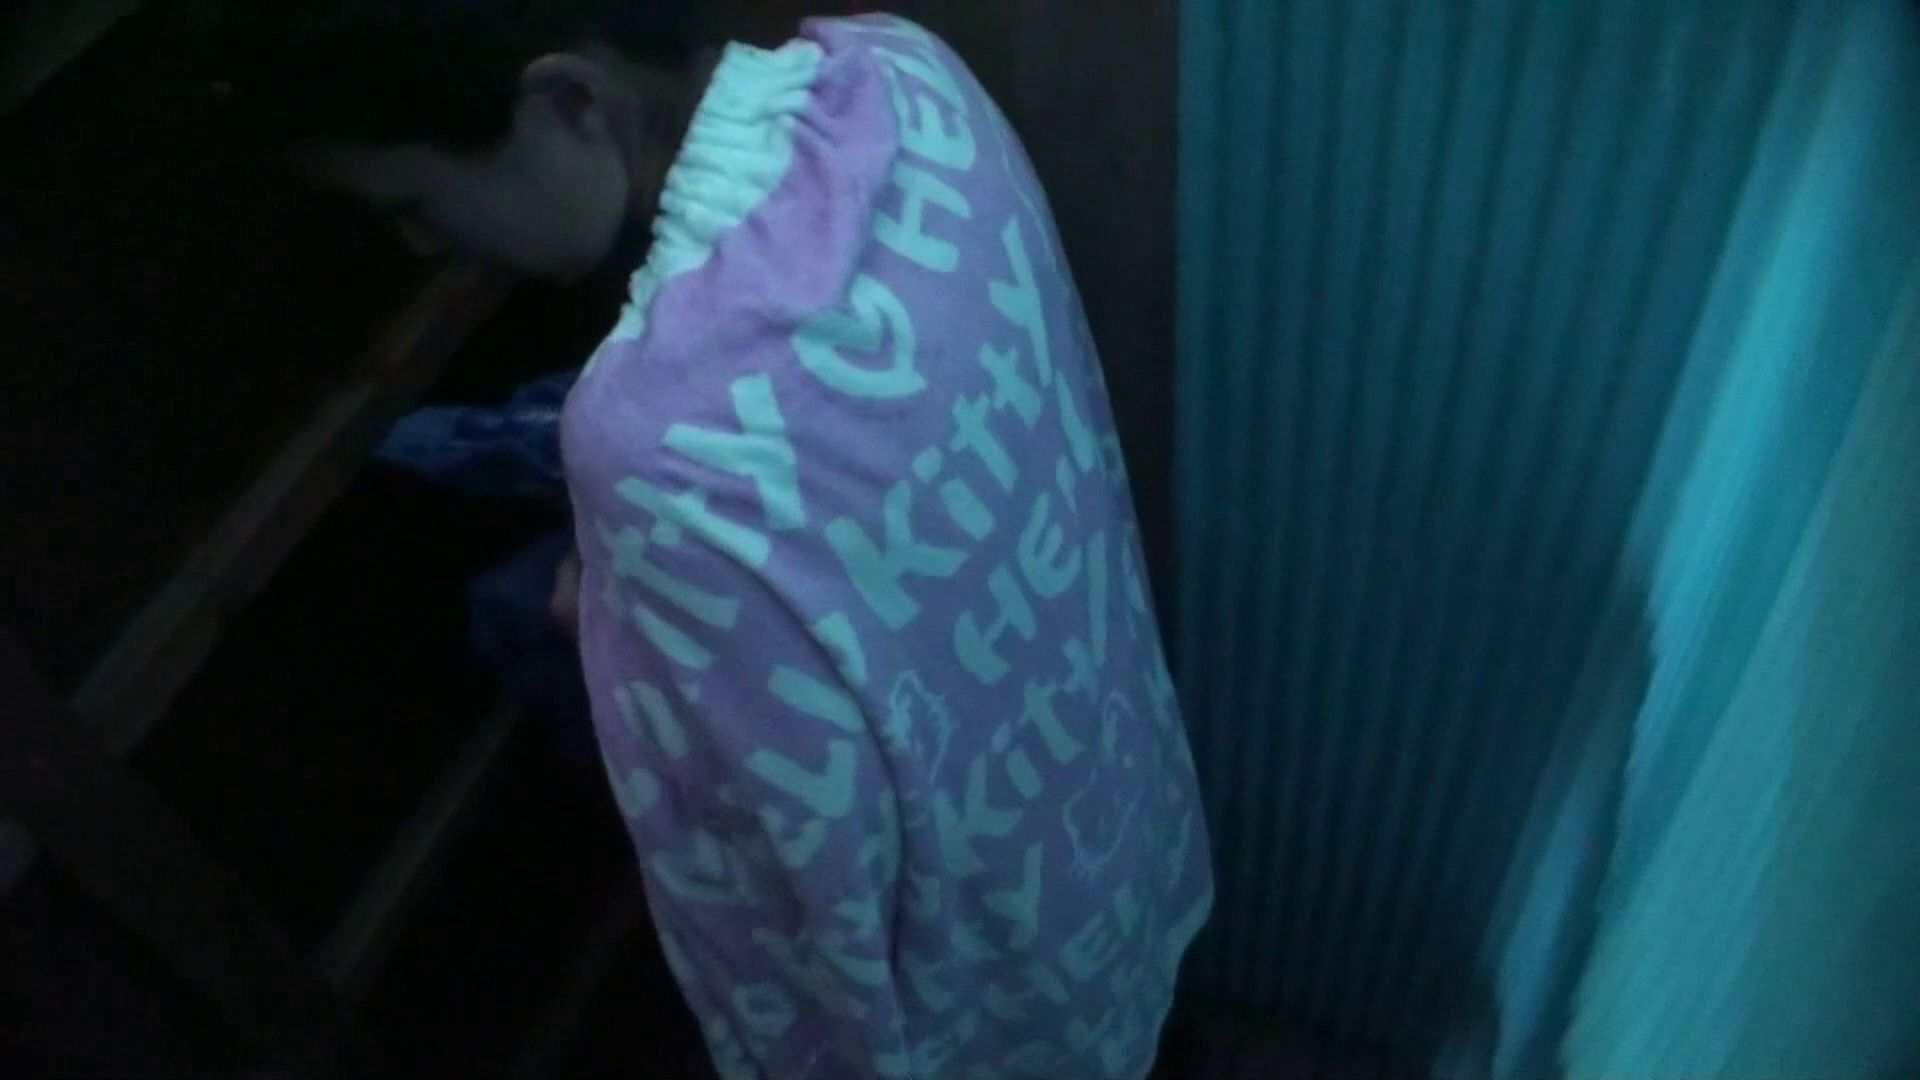 シャワールームは超!!危険な香りVol.26 大学生風美形ギャル 暗さが残念! 高画質 盗み撮りオマンコ動画キャプチャ 86pic 3